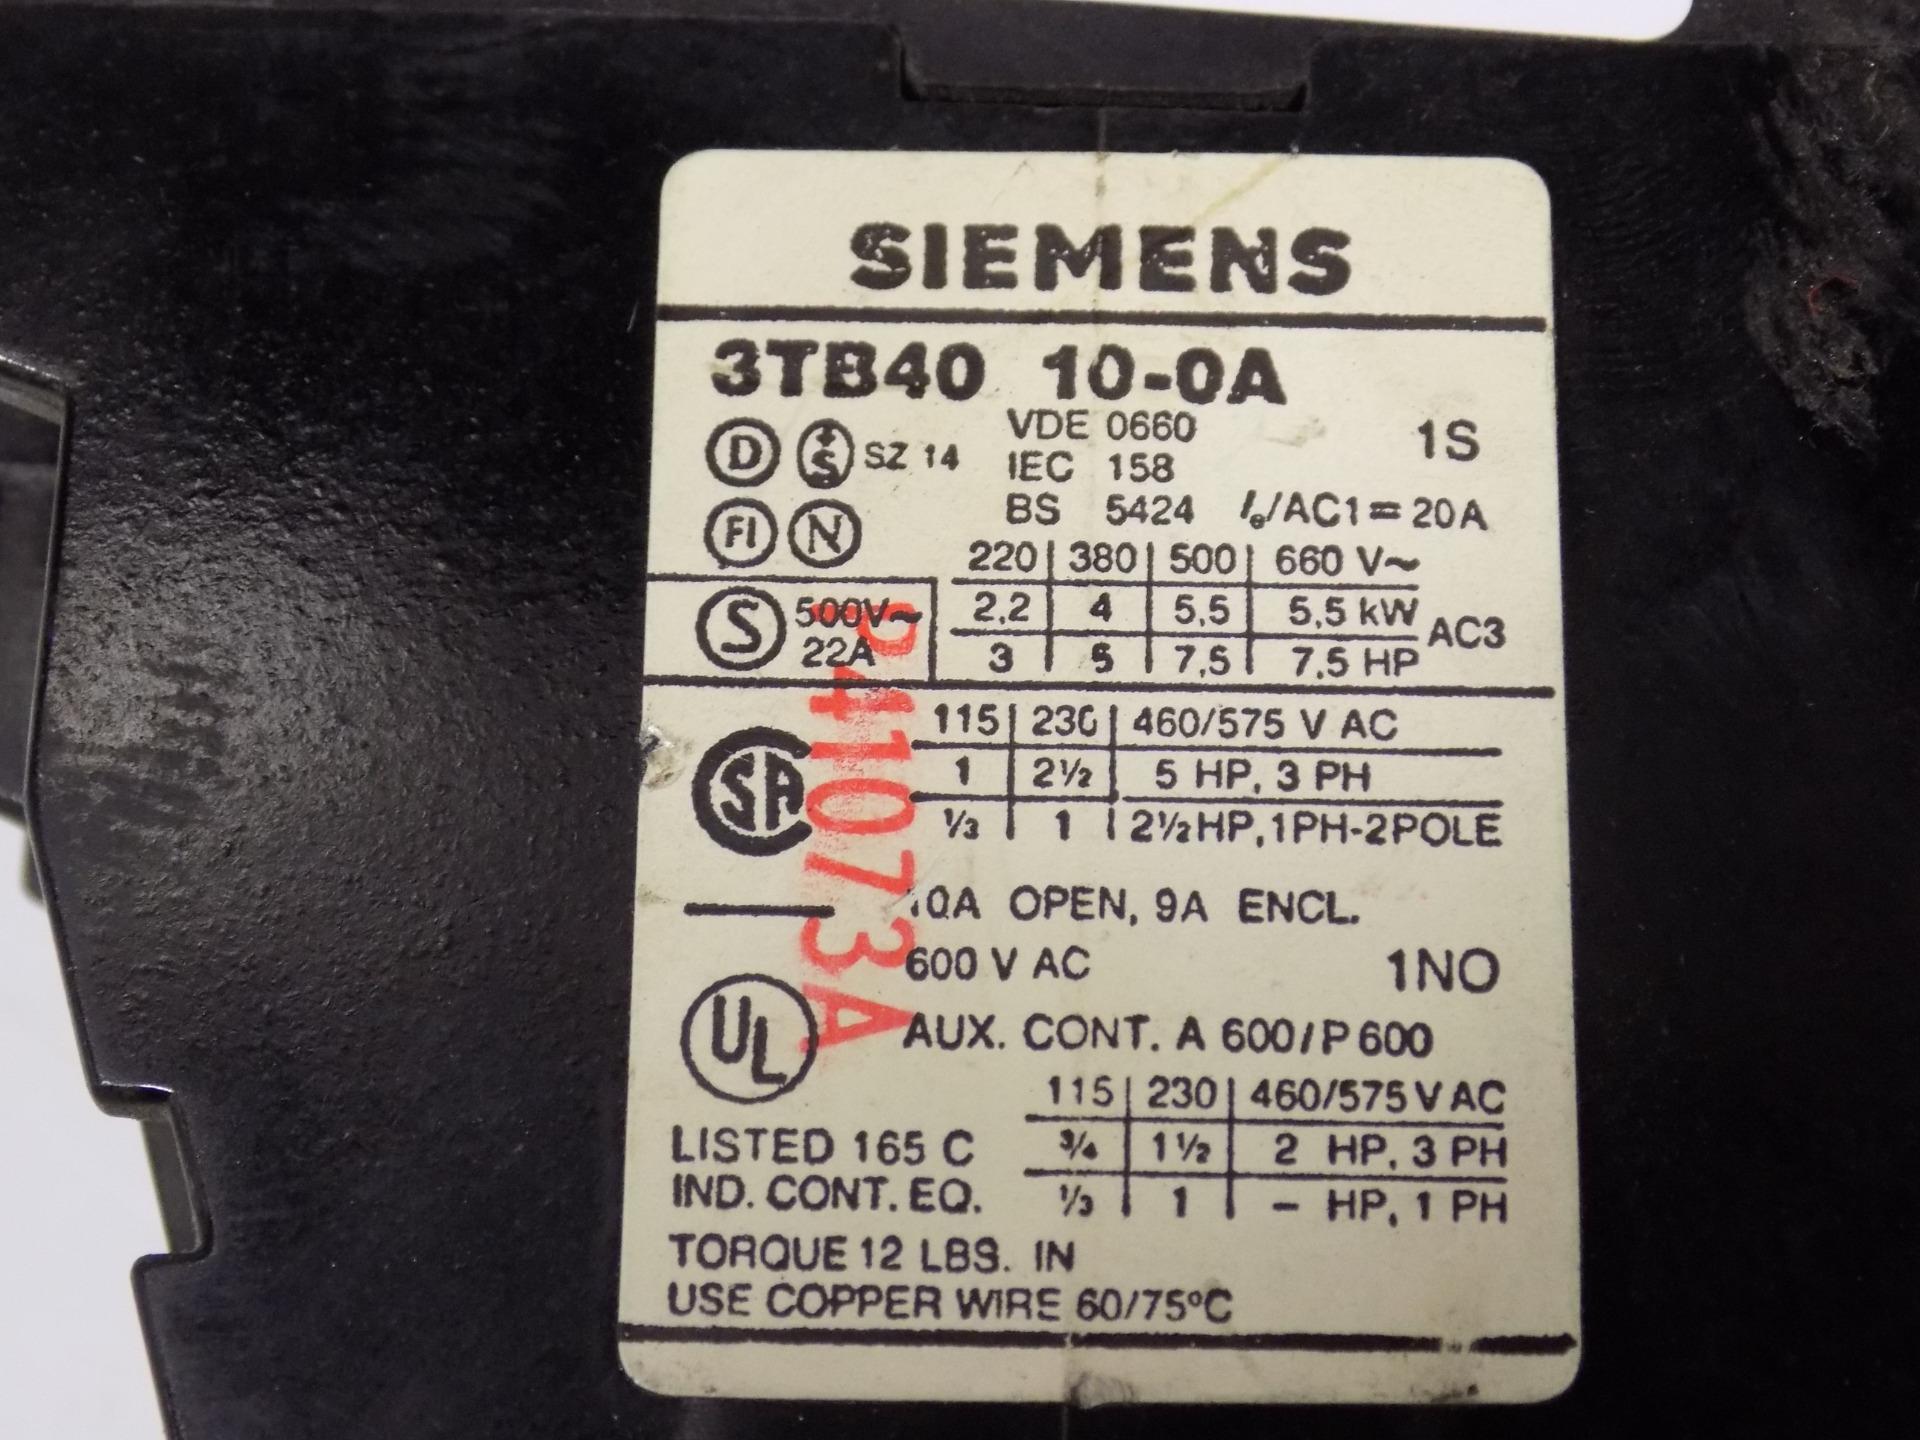 SIEMENS 600VAC CONTACTOR 3TB40 10 0A LSJCH05242017 SHELF51 18078